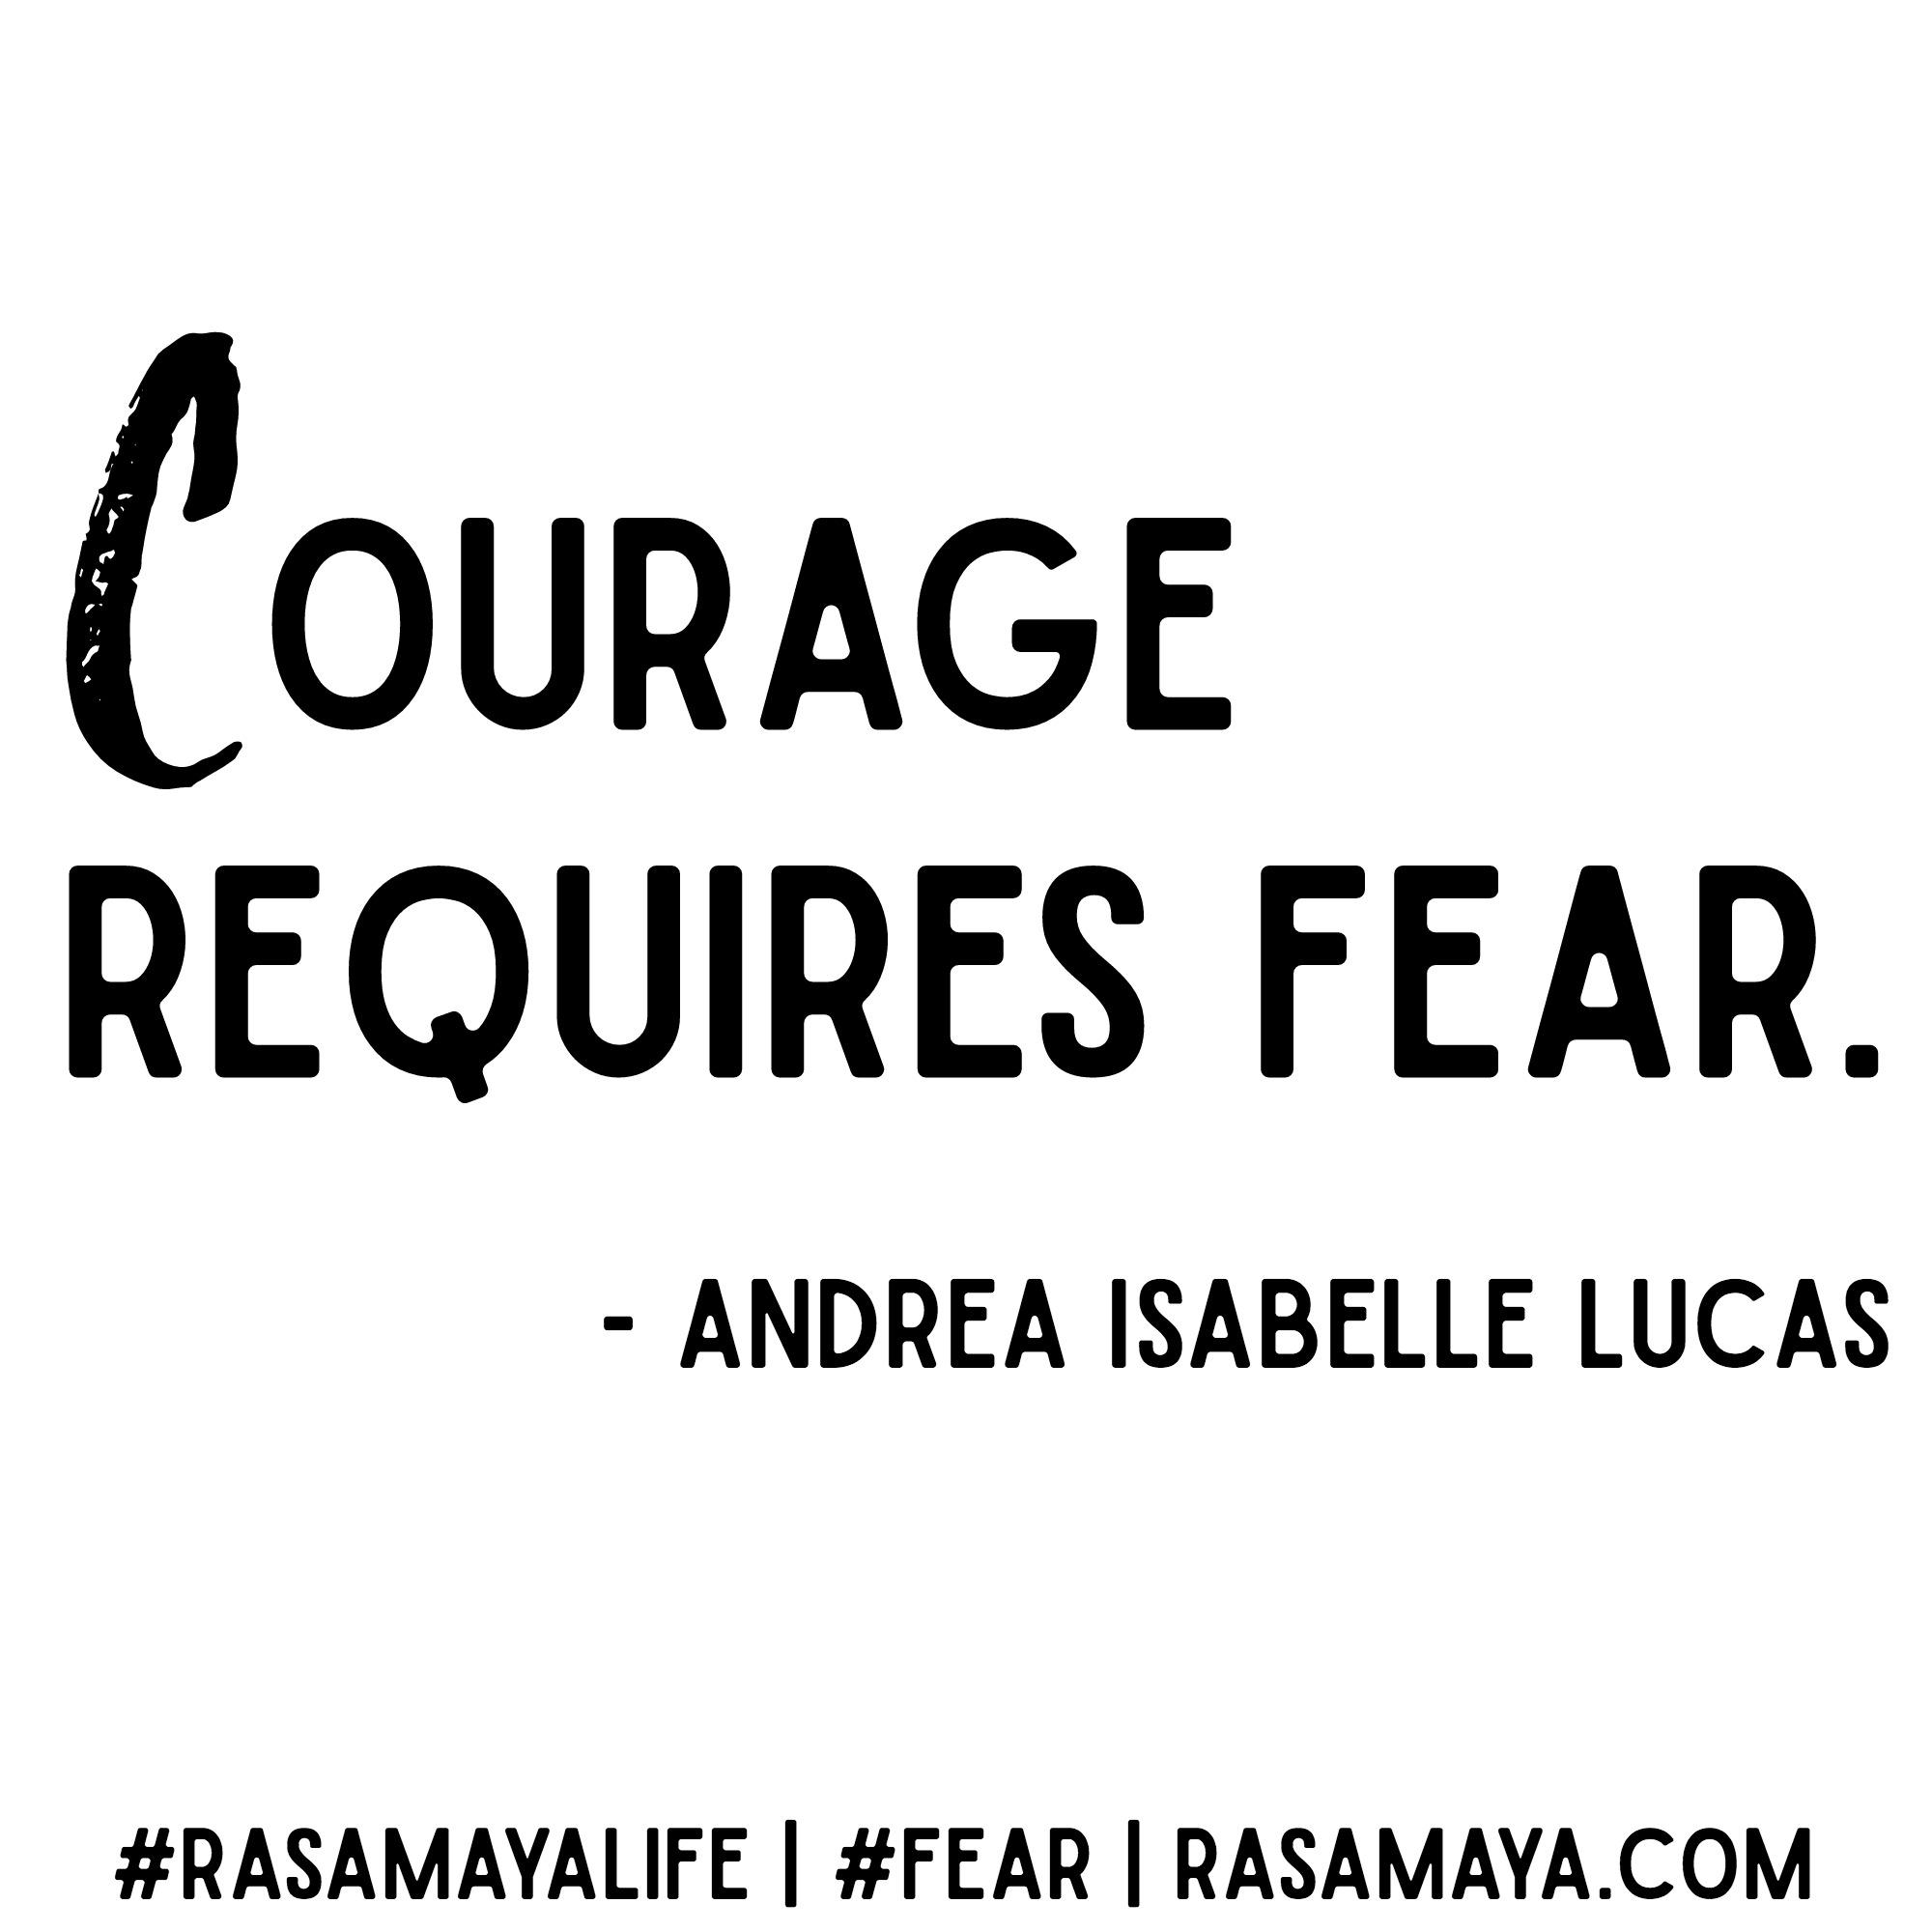 CourageAndrea.jpg